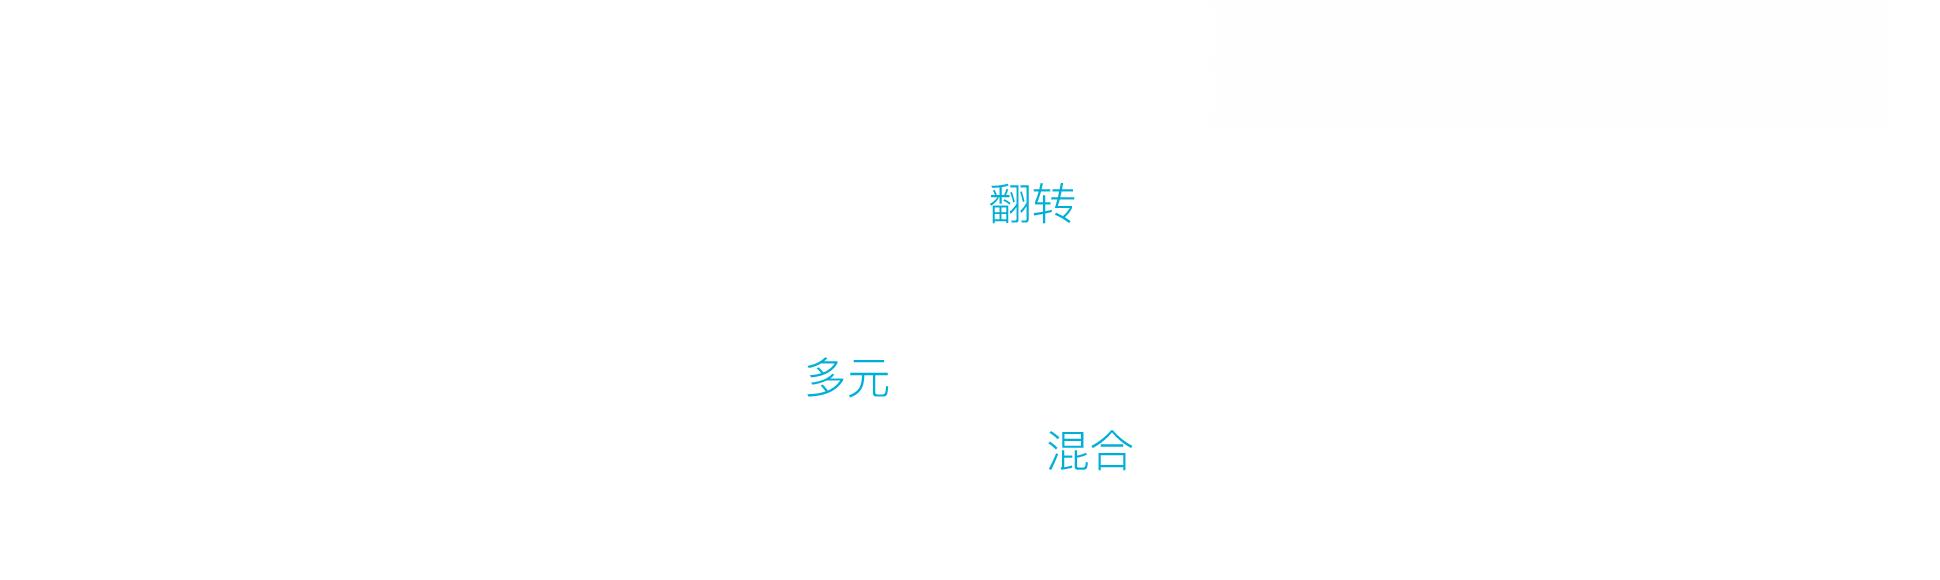 青岛韦博英语翻转混淆多元进修法